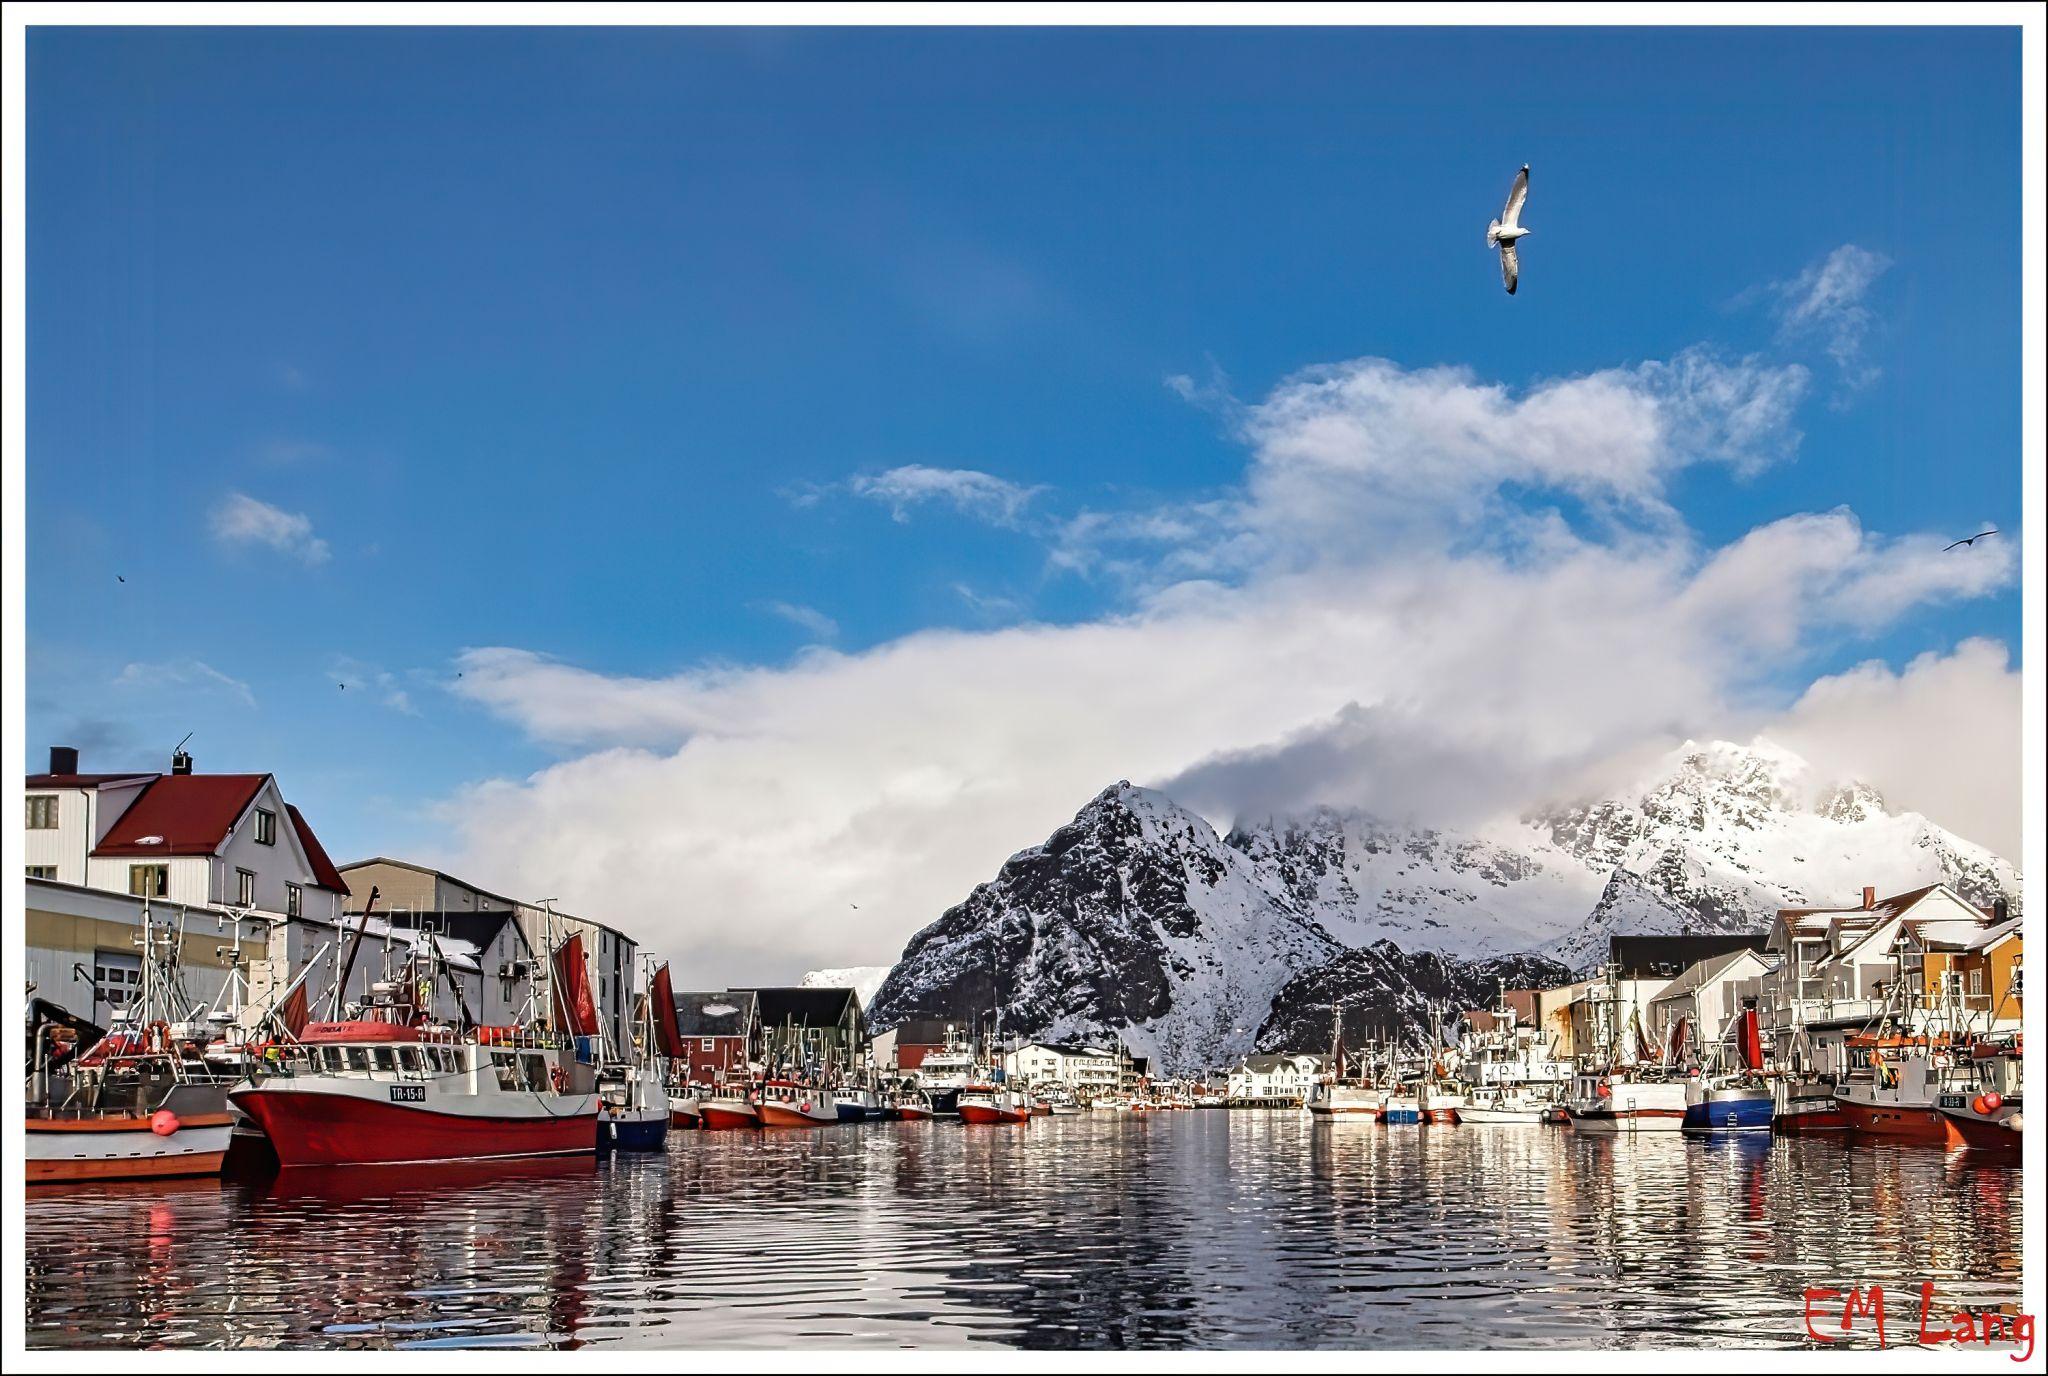 Henningsvaer fishing village, Norway